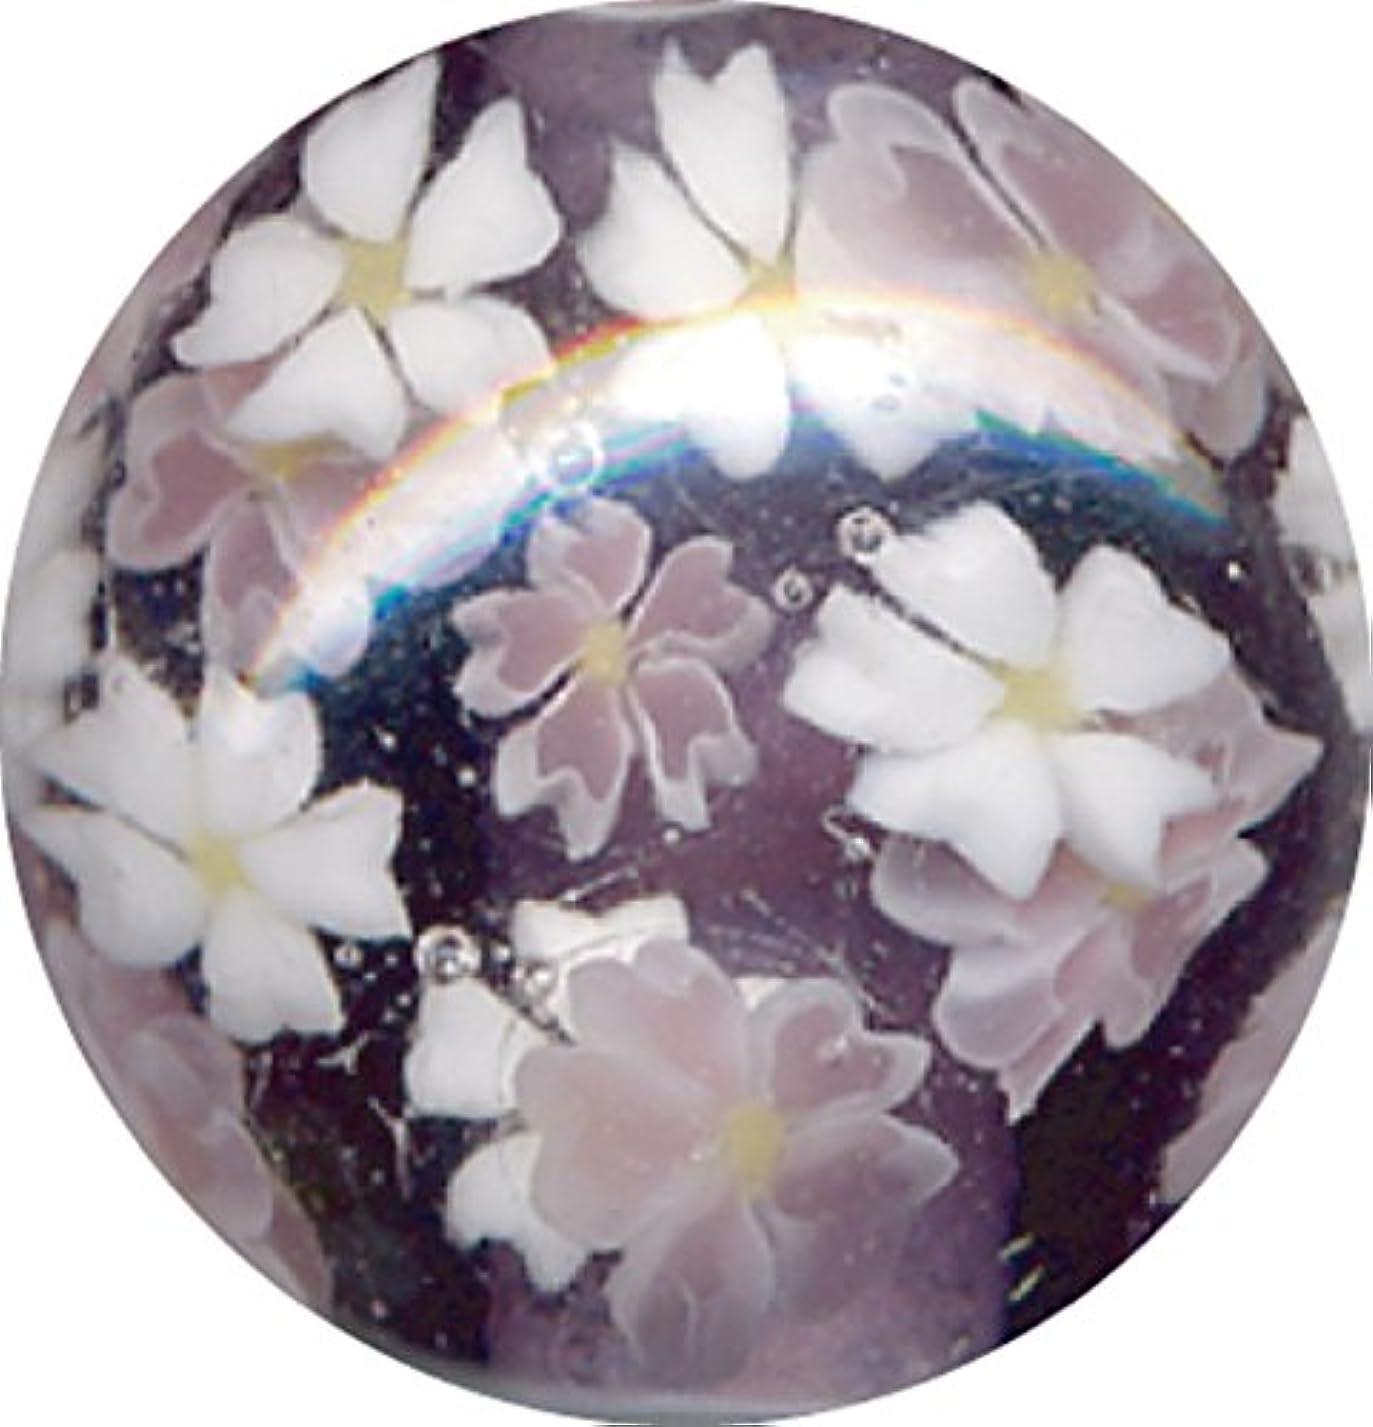 ビルマ美的梨とんぼ玉 桜柄 紫